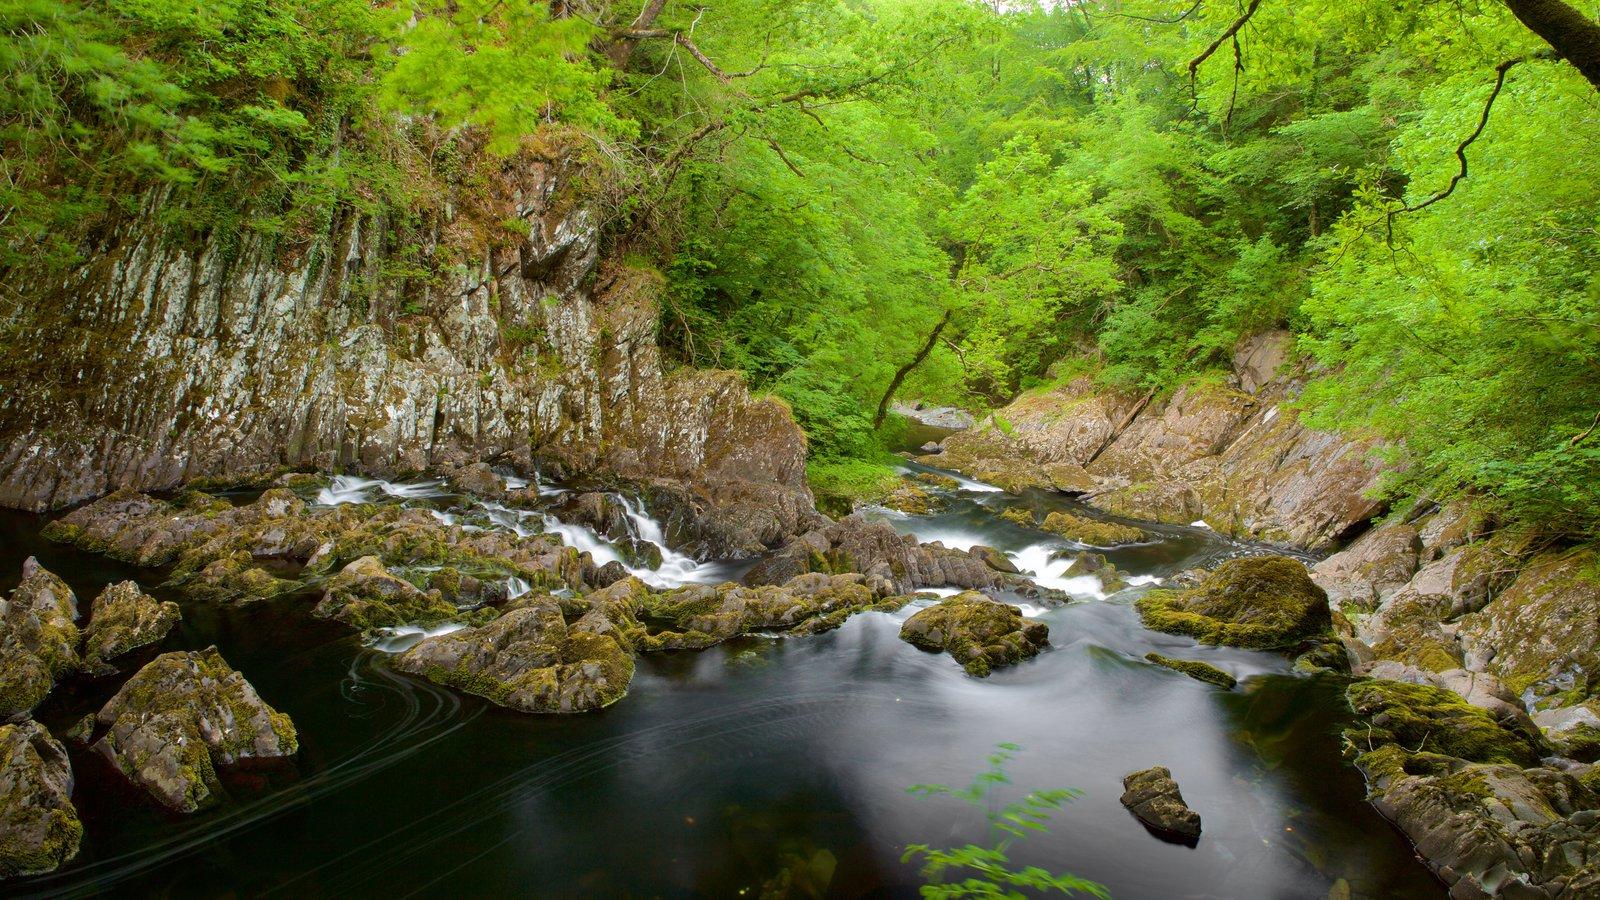 Swallow Falls mostrando un río o arroyo y bosques